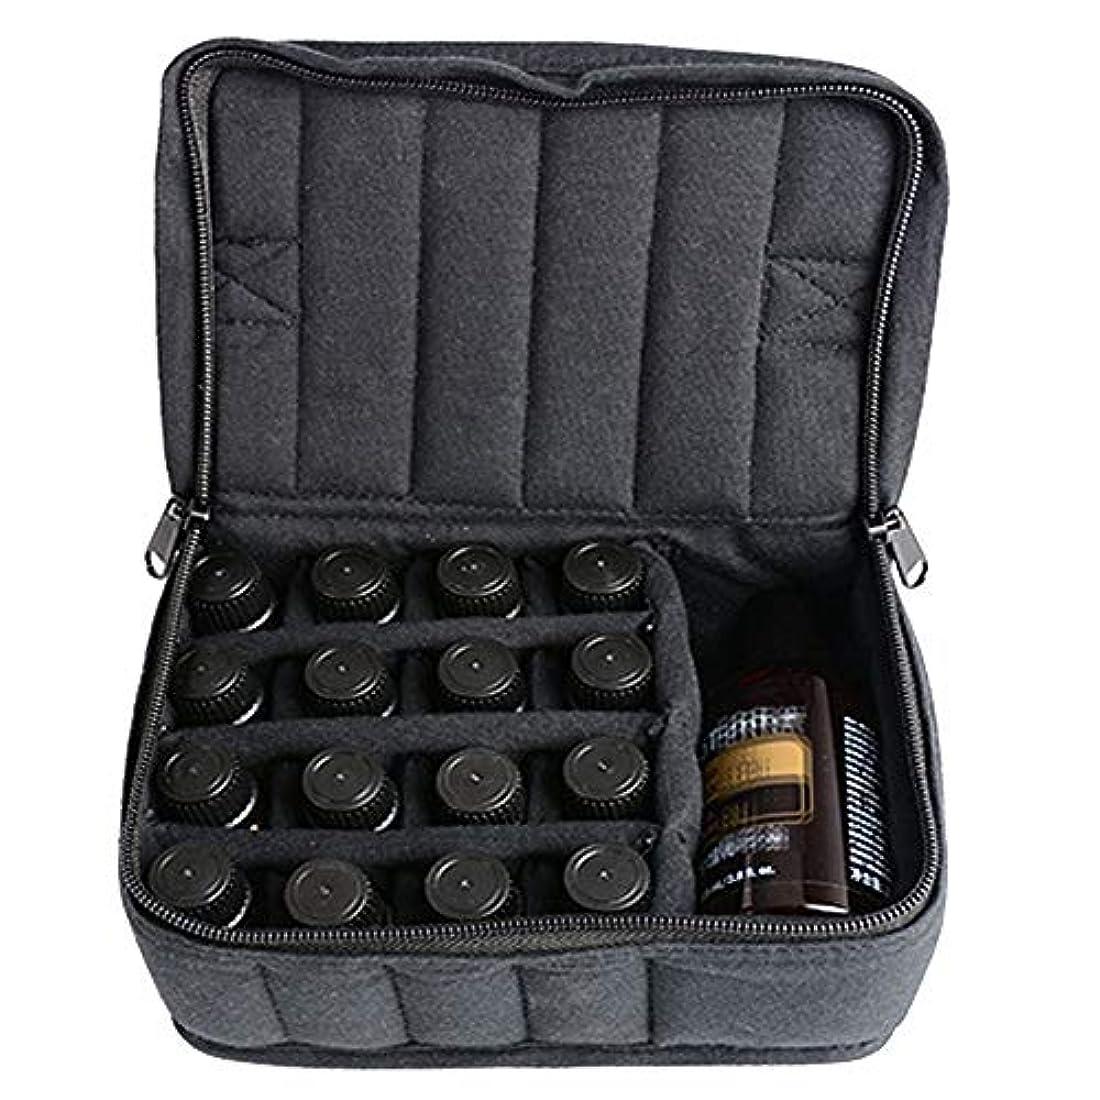 バーチャルクリスチャン野心的エッセンシャルオイルストレージボックス ソフト17本のボトルエッセンシャルオイルキャリングケースは、旅行ブラックパープルのために17本のボトル5ミリリットル/ 10ミリリットル/ 15ミリリットルを開催します 旅行および...